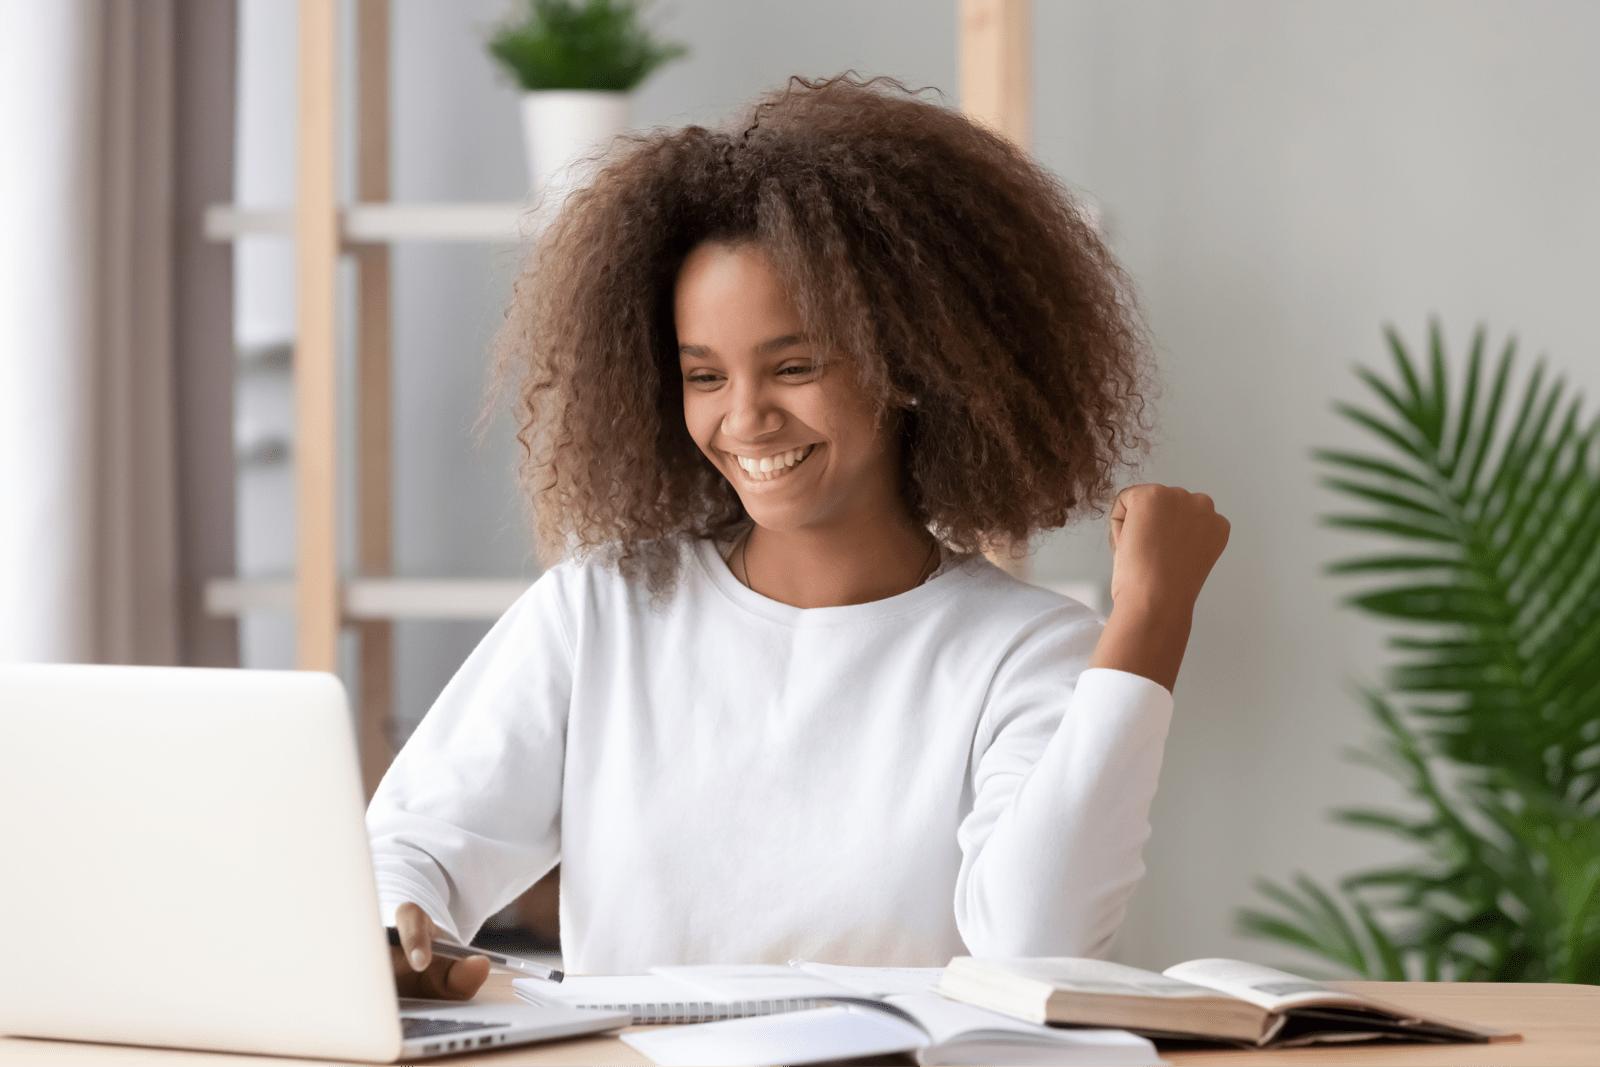 パソコンを見て微笑む女性